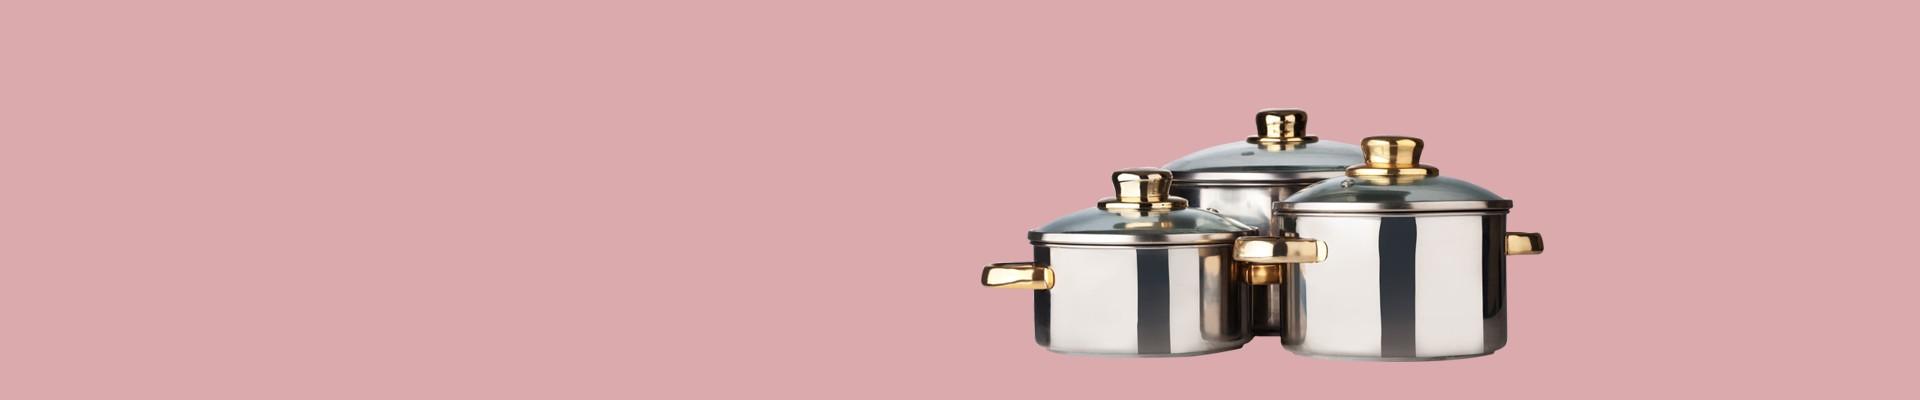 Jual Panci Model Terbaru - Harga Panci Murah & Berkualitas